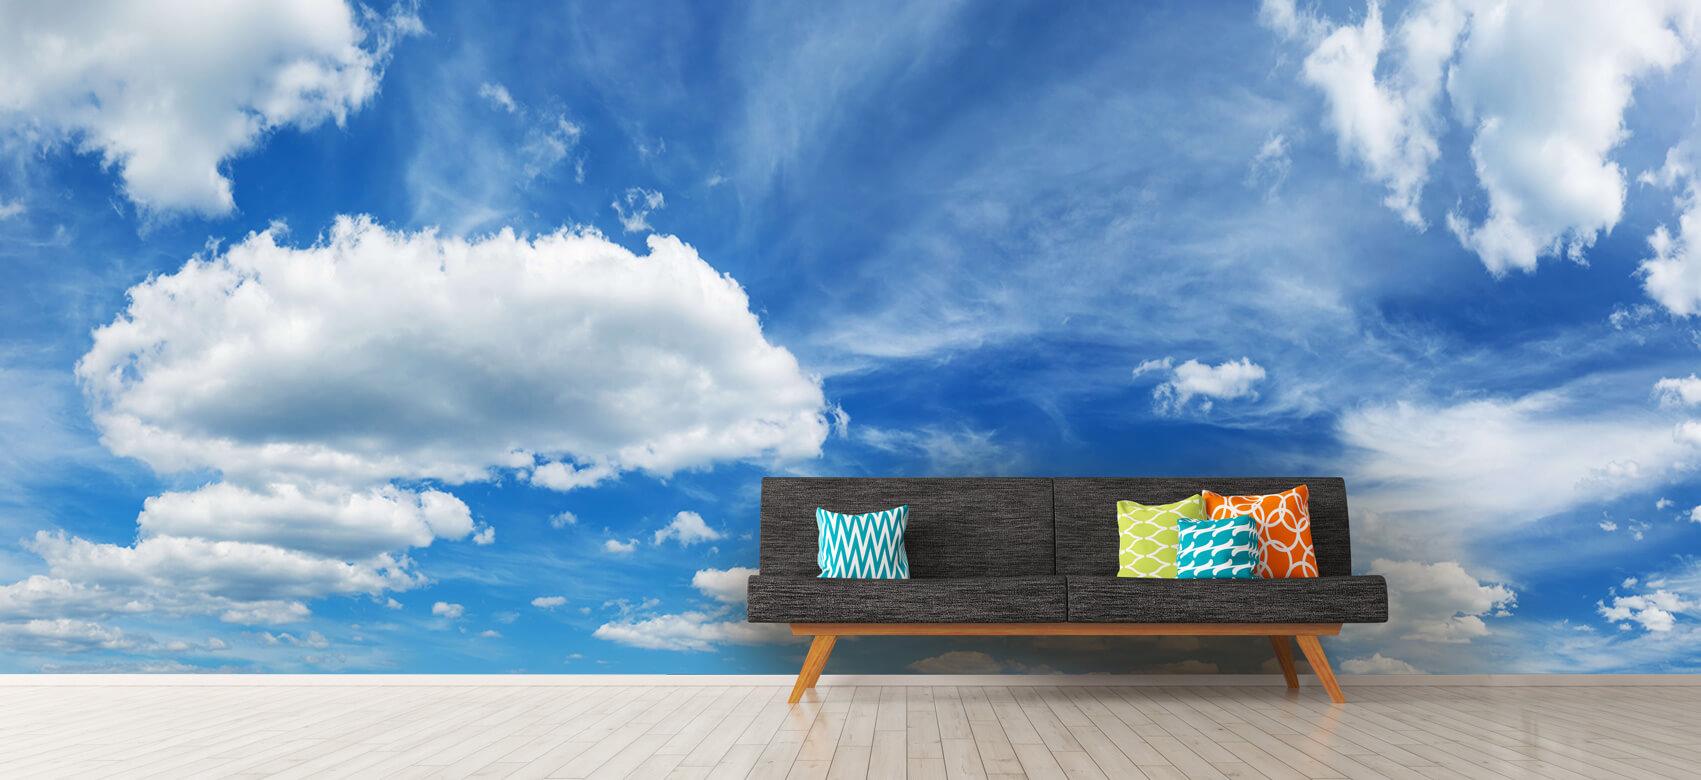 Natuur Blauwe lucht met wolken 12